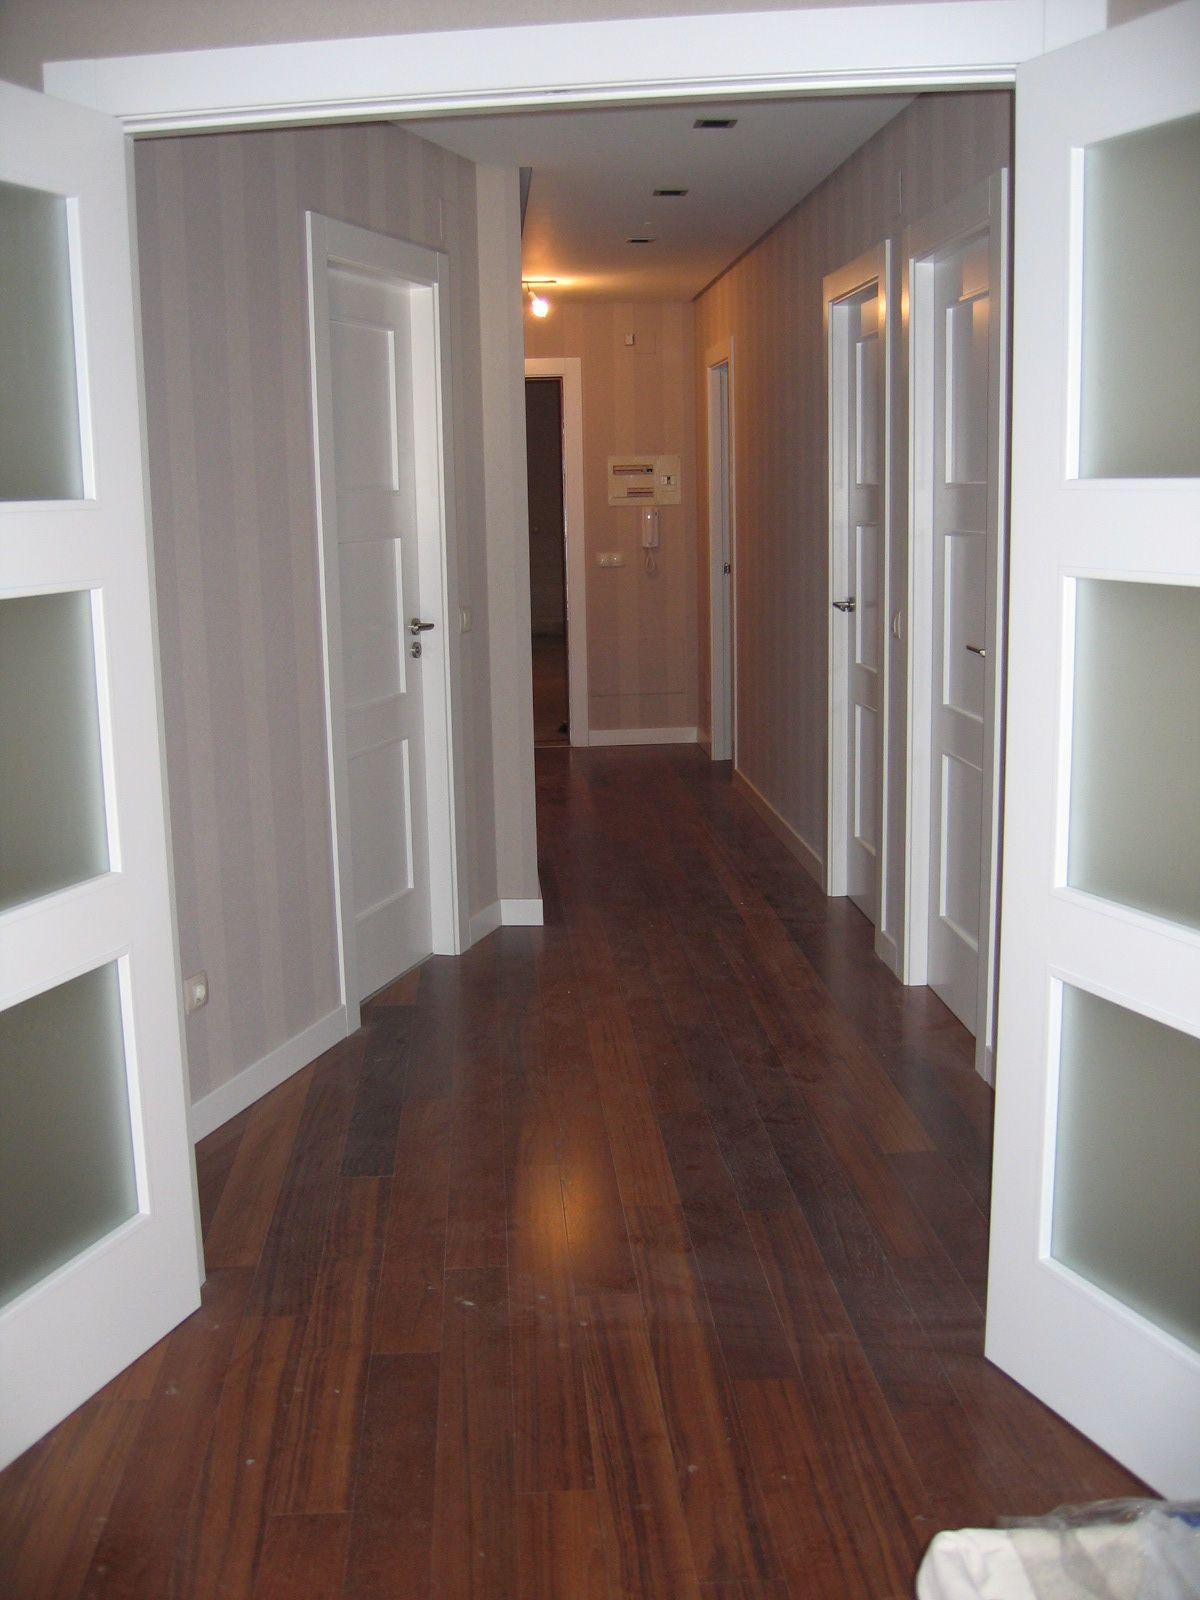 Pavimento de nogal con puertas lacadas. Puertas lacadas